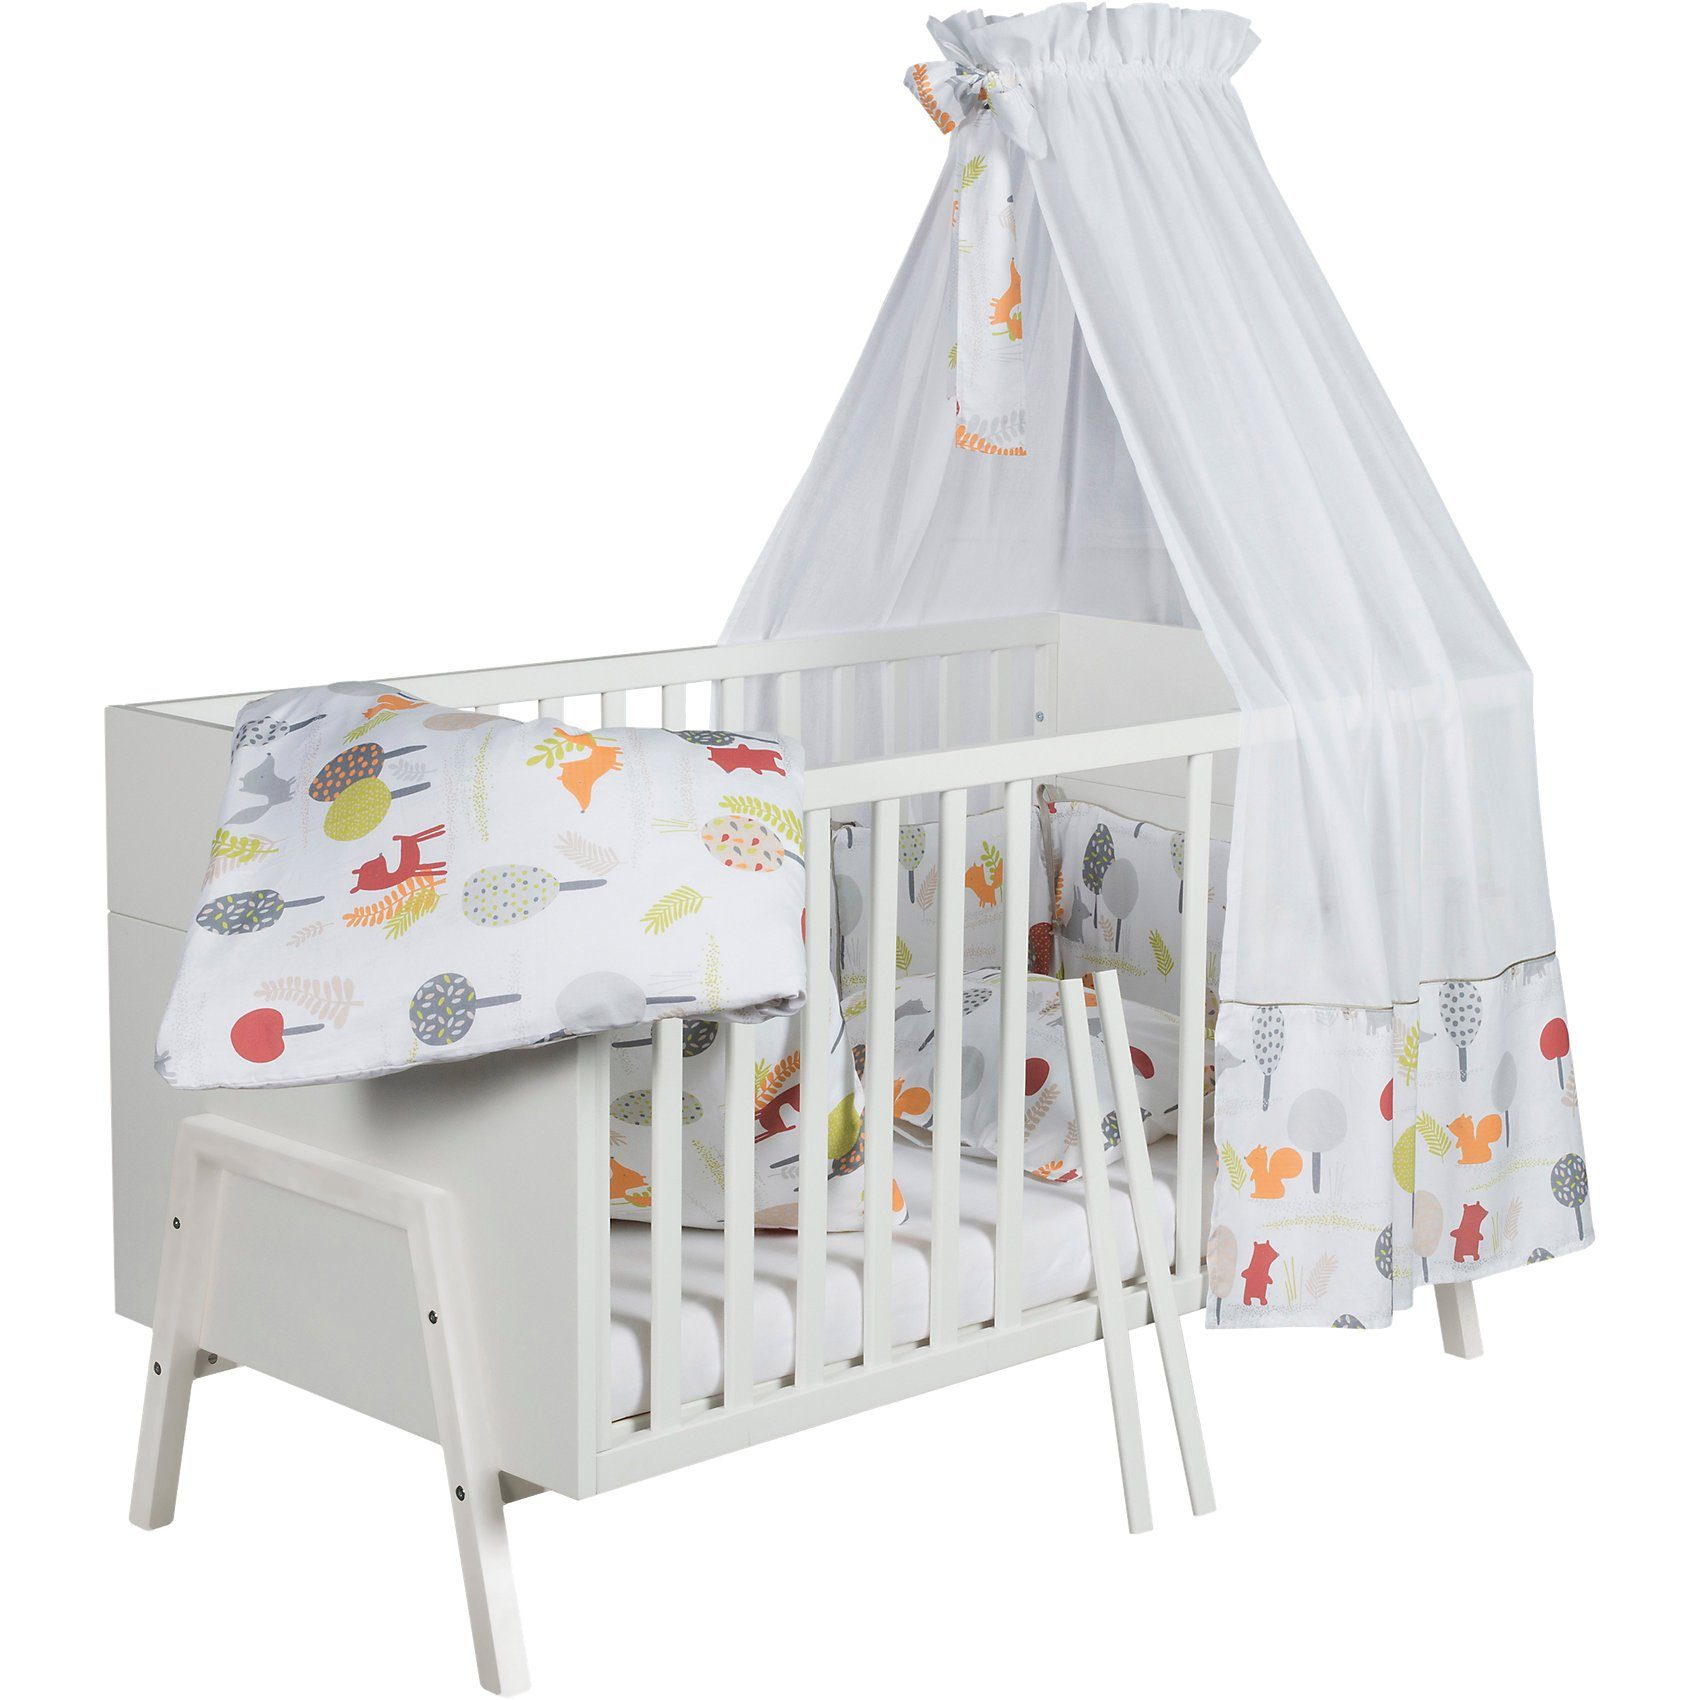 Schardt Kinderbett Holly White, 70 x 140 cm, weiß